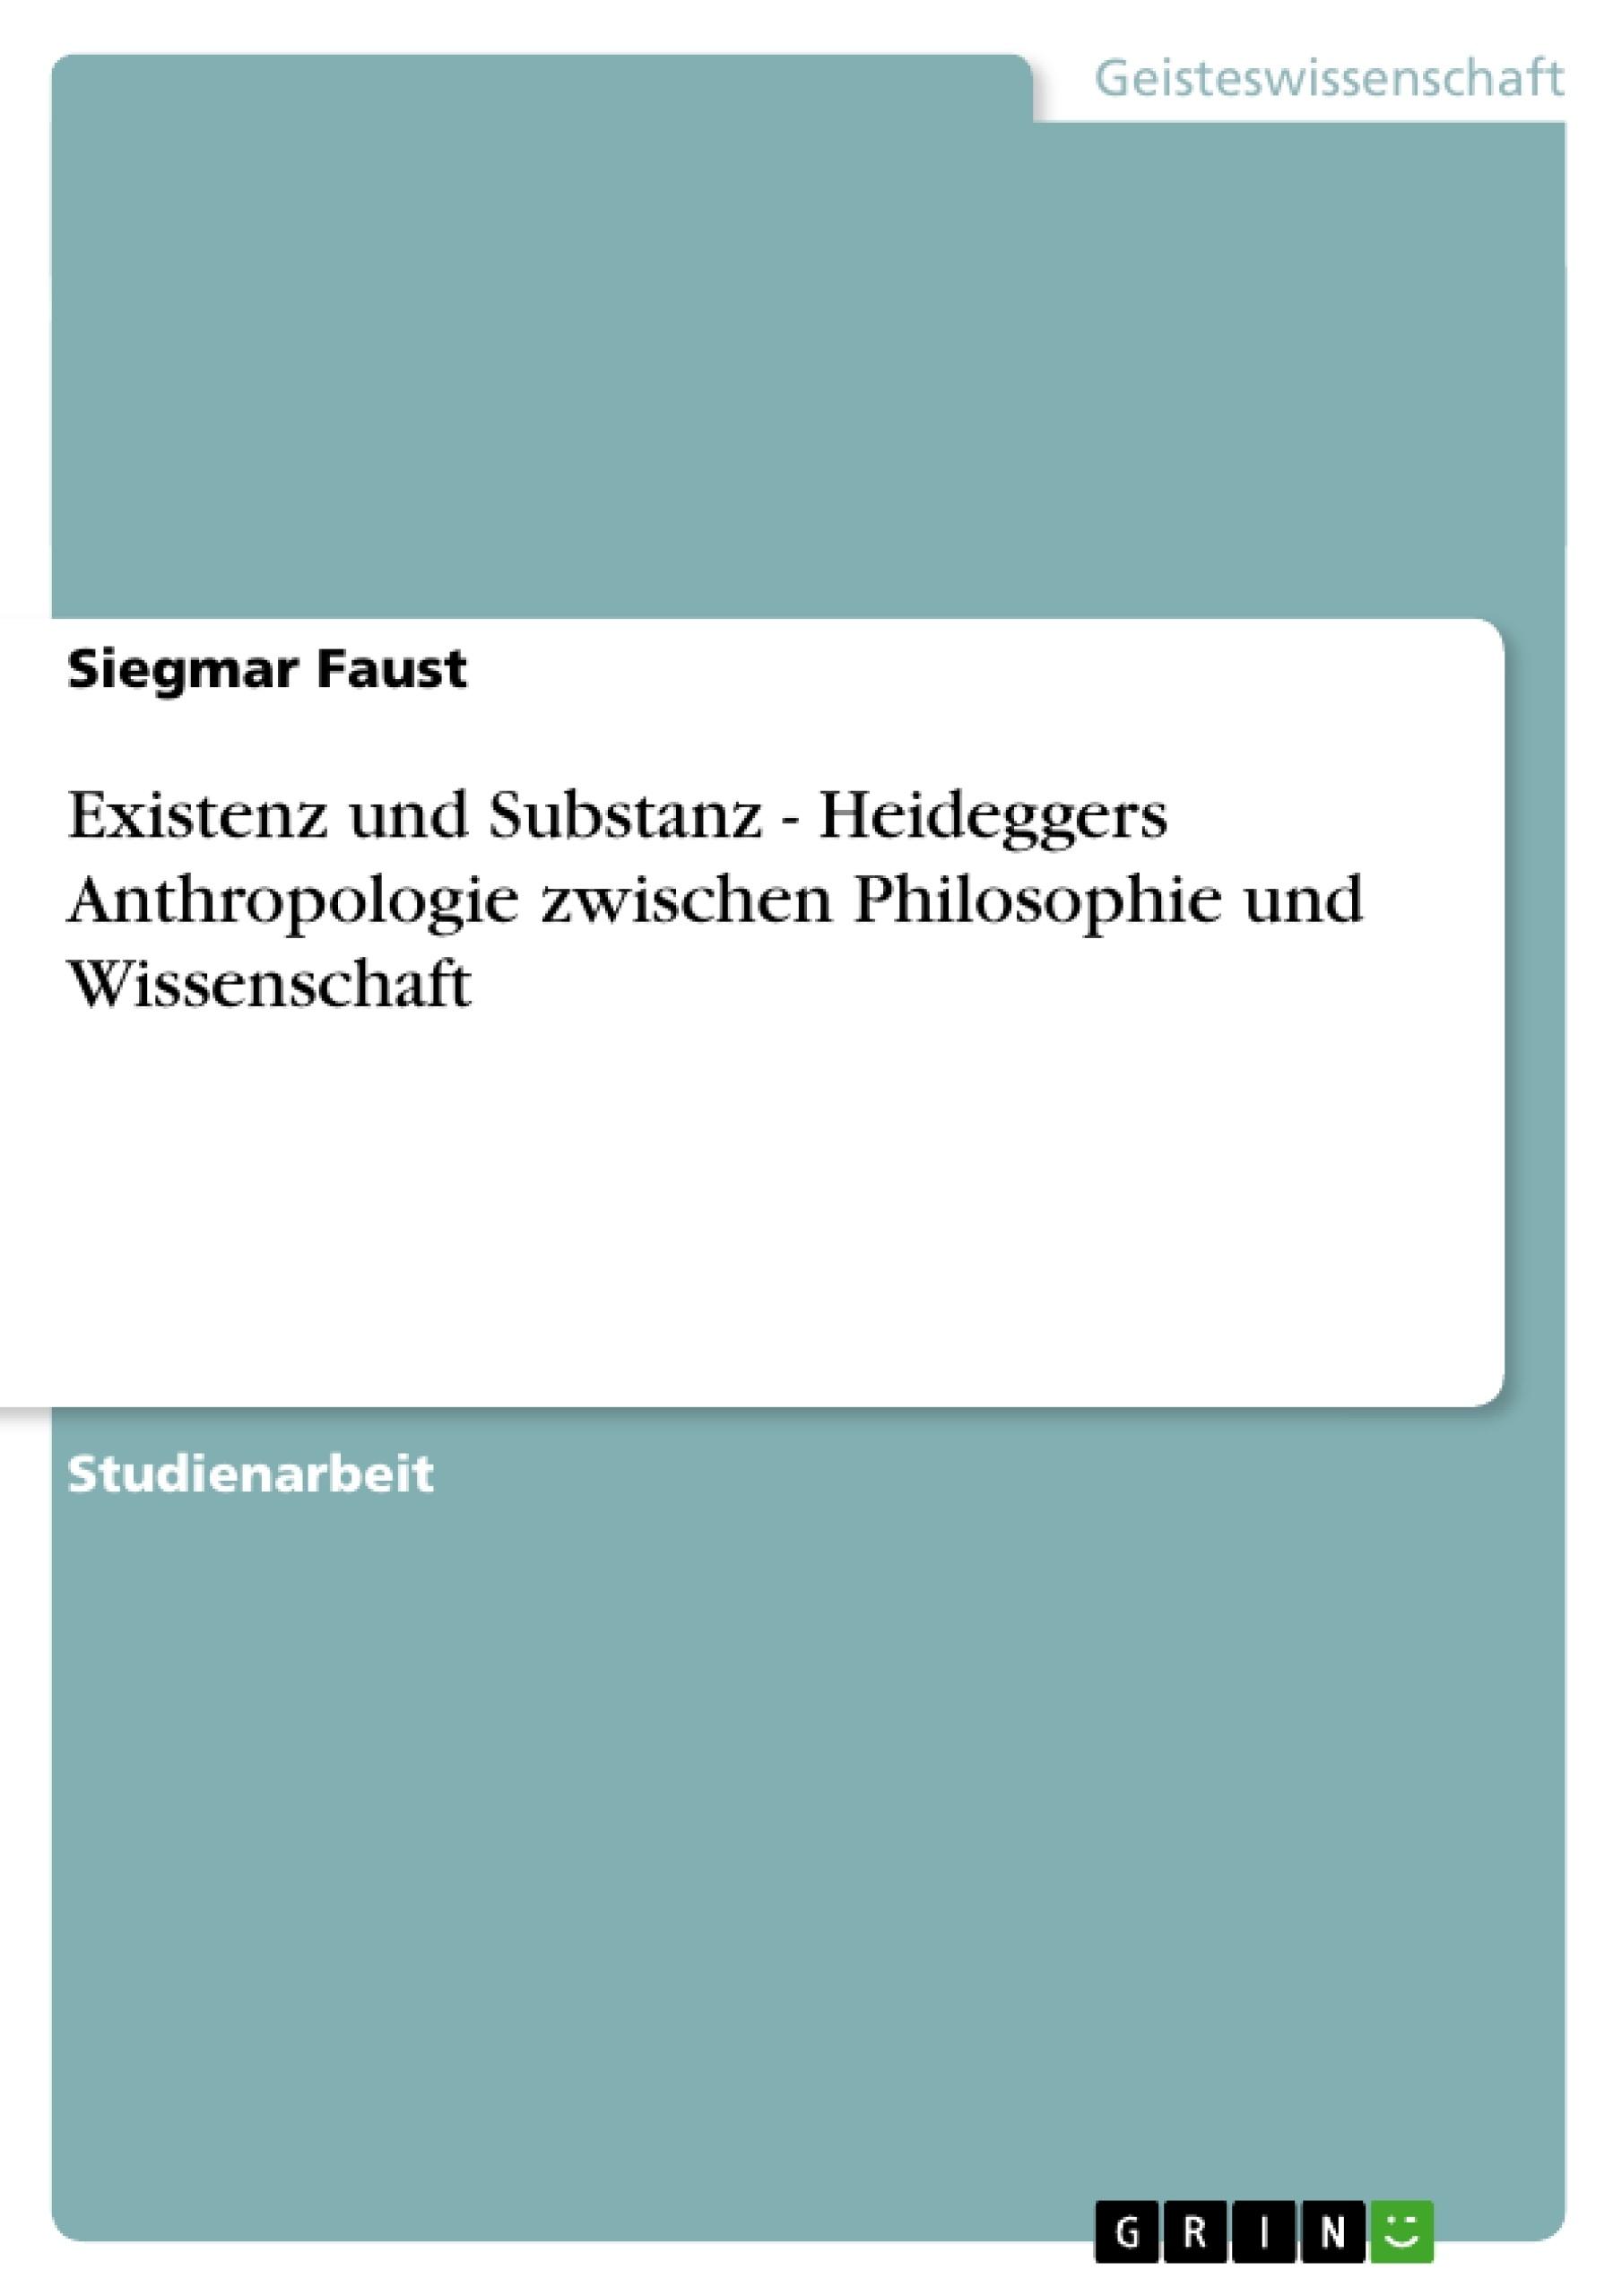 Titel: Existenz und Substanz - Heideggers Anthropologie zwischen Philosophie und Wissenschaft